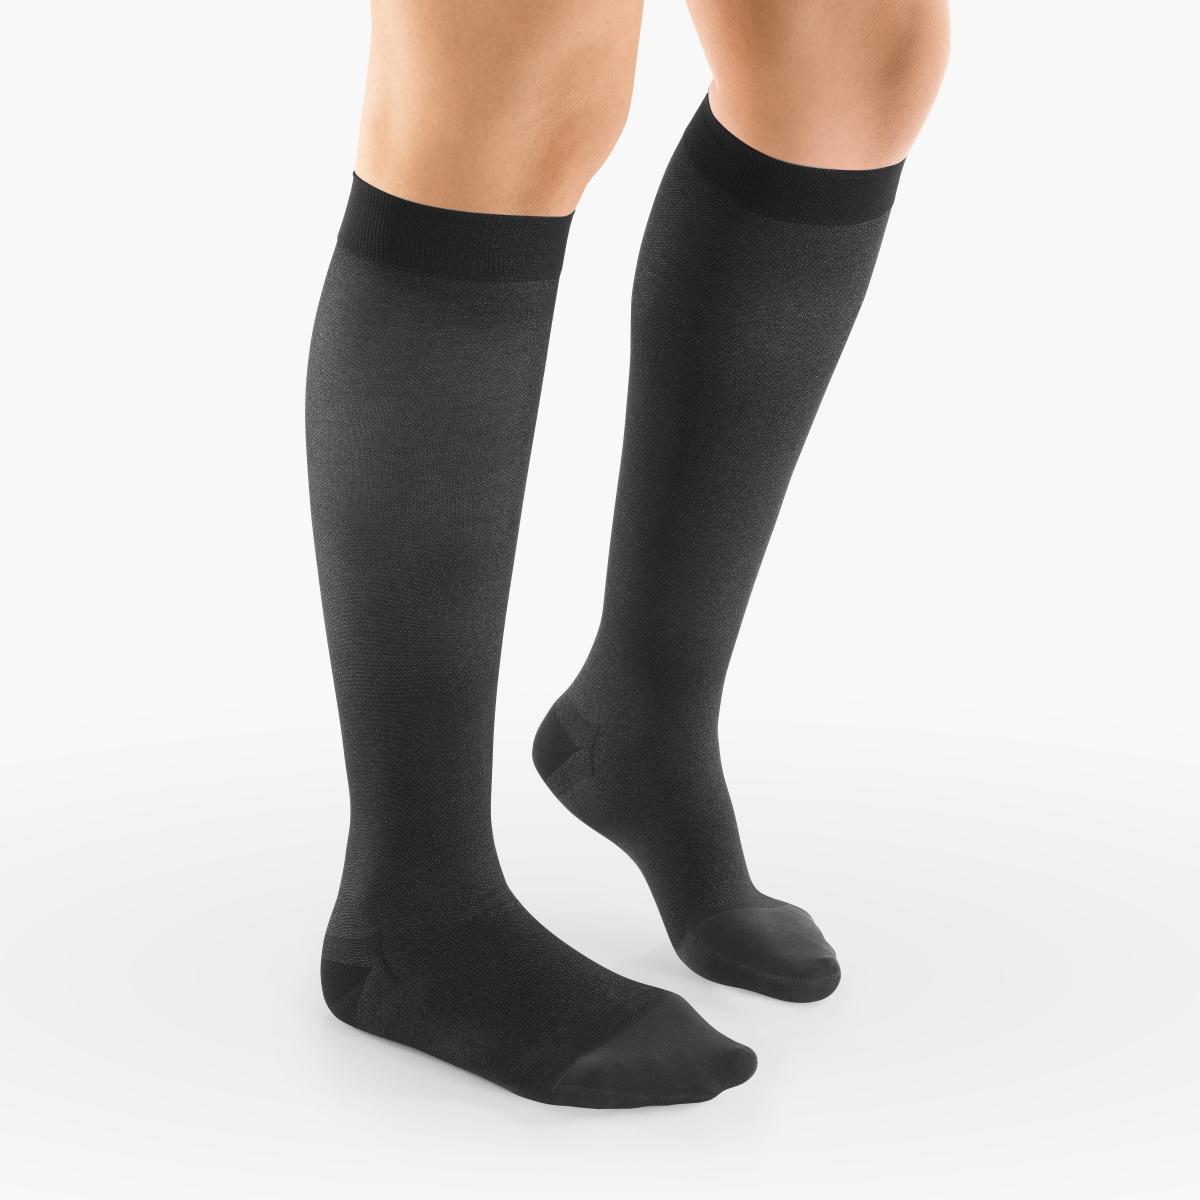 VENOSAN 5000 Below Knee, 20-30 Black, S, Closed Toe Firm 20-30 mmHg   Black   S      Closed Toe   Knit Top